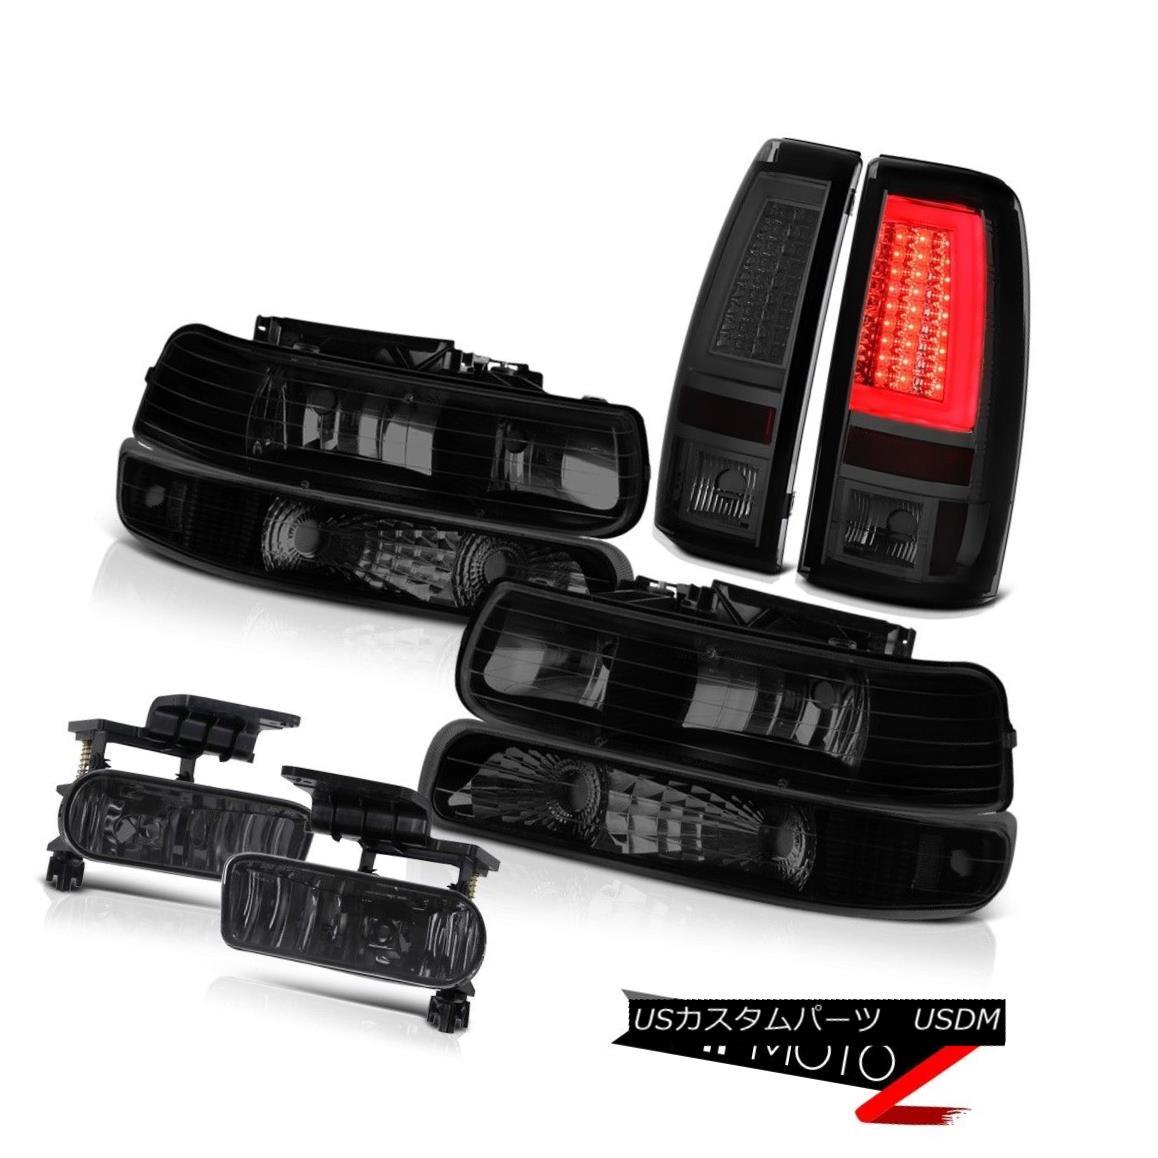 ヘッドライト 99-02 Silverado 6.0L Smokey Tail Lamps Headlamps Bumper Foglamps